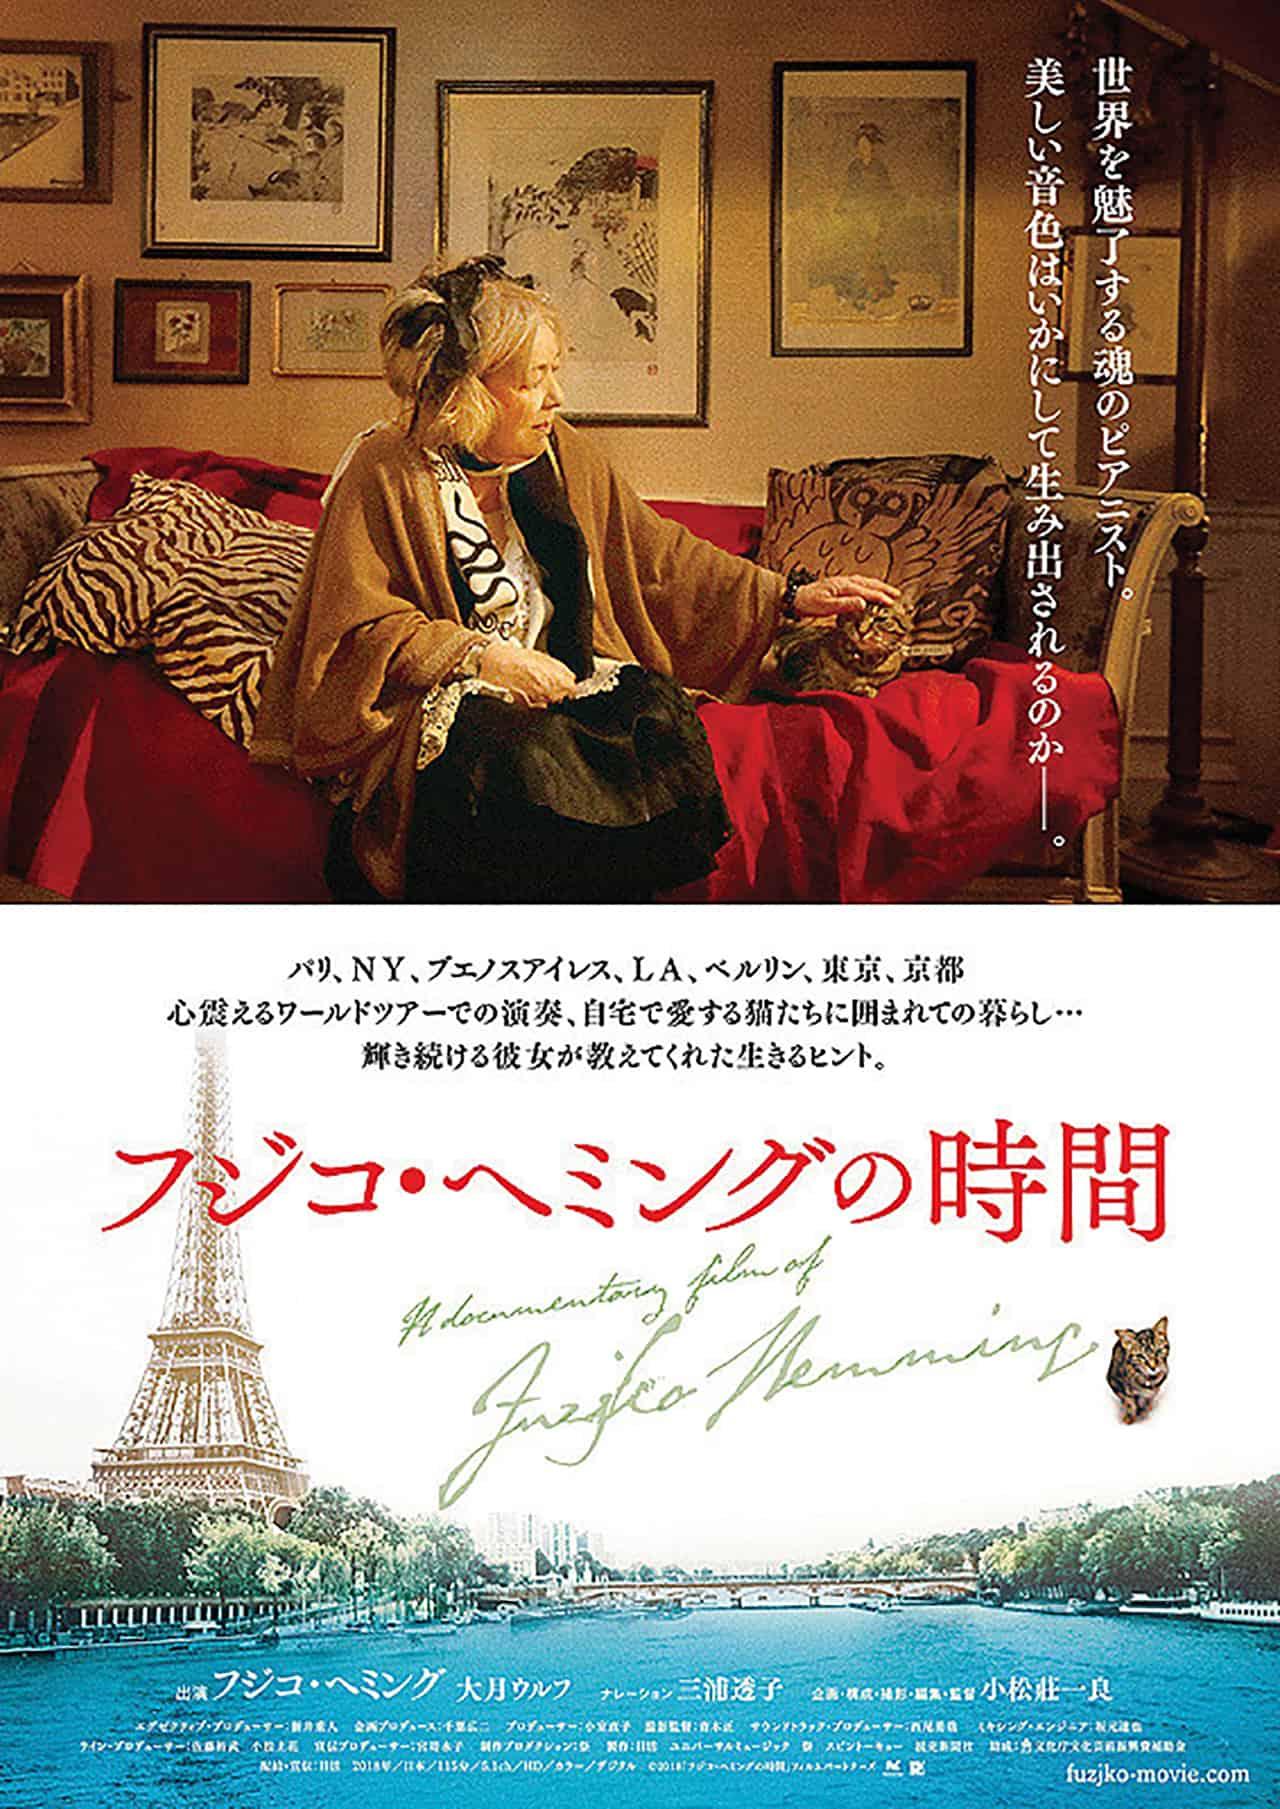 ภาพยนตร์สารคดีของญี่ปุ่นเรื่อง Fujiko Hemming no Jikan หรือ Fuzjko Hemming: A Pianist of Silence & Solitude